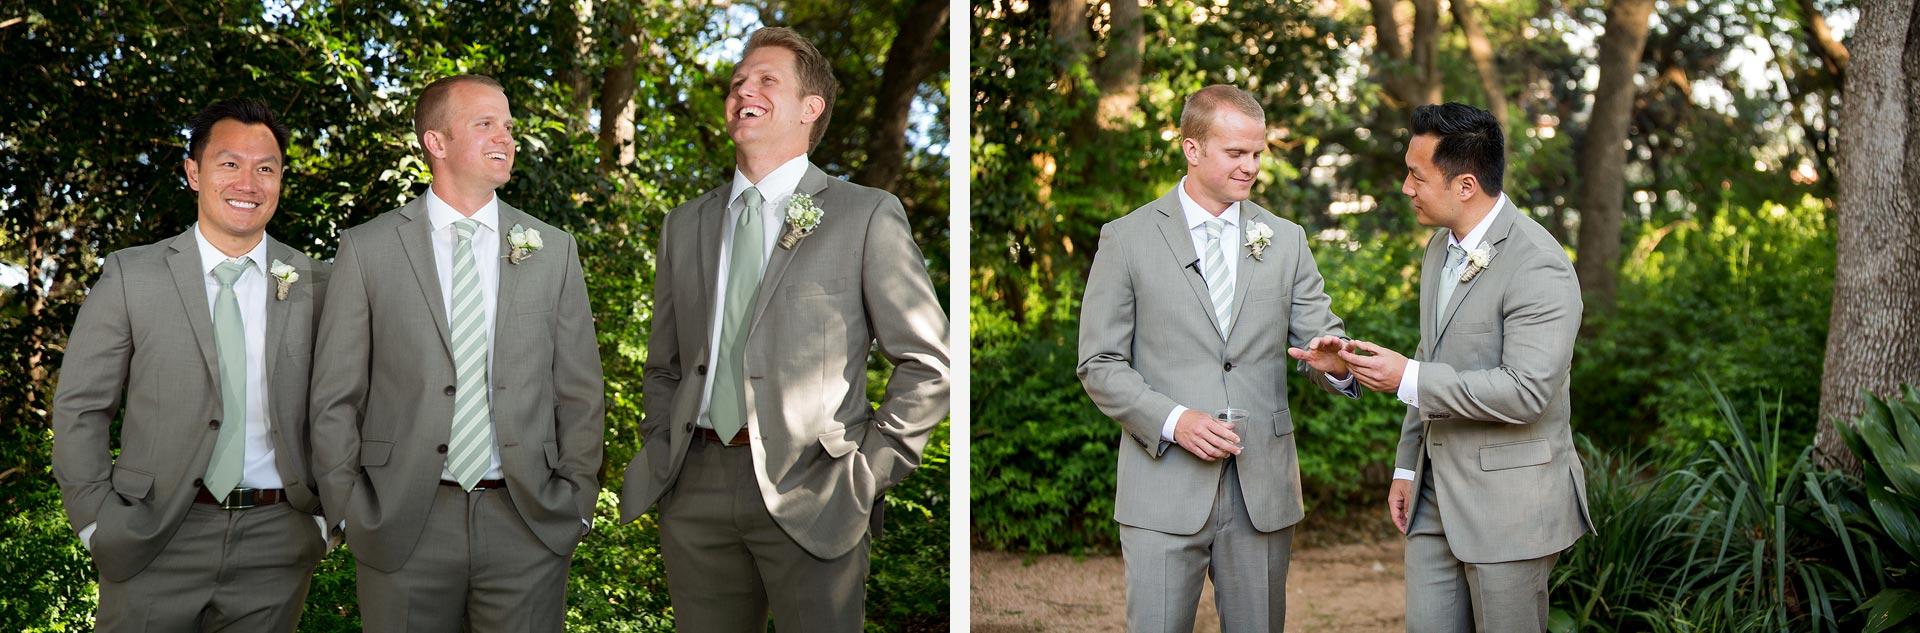 Wedding Photos in Austin